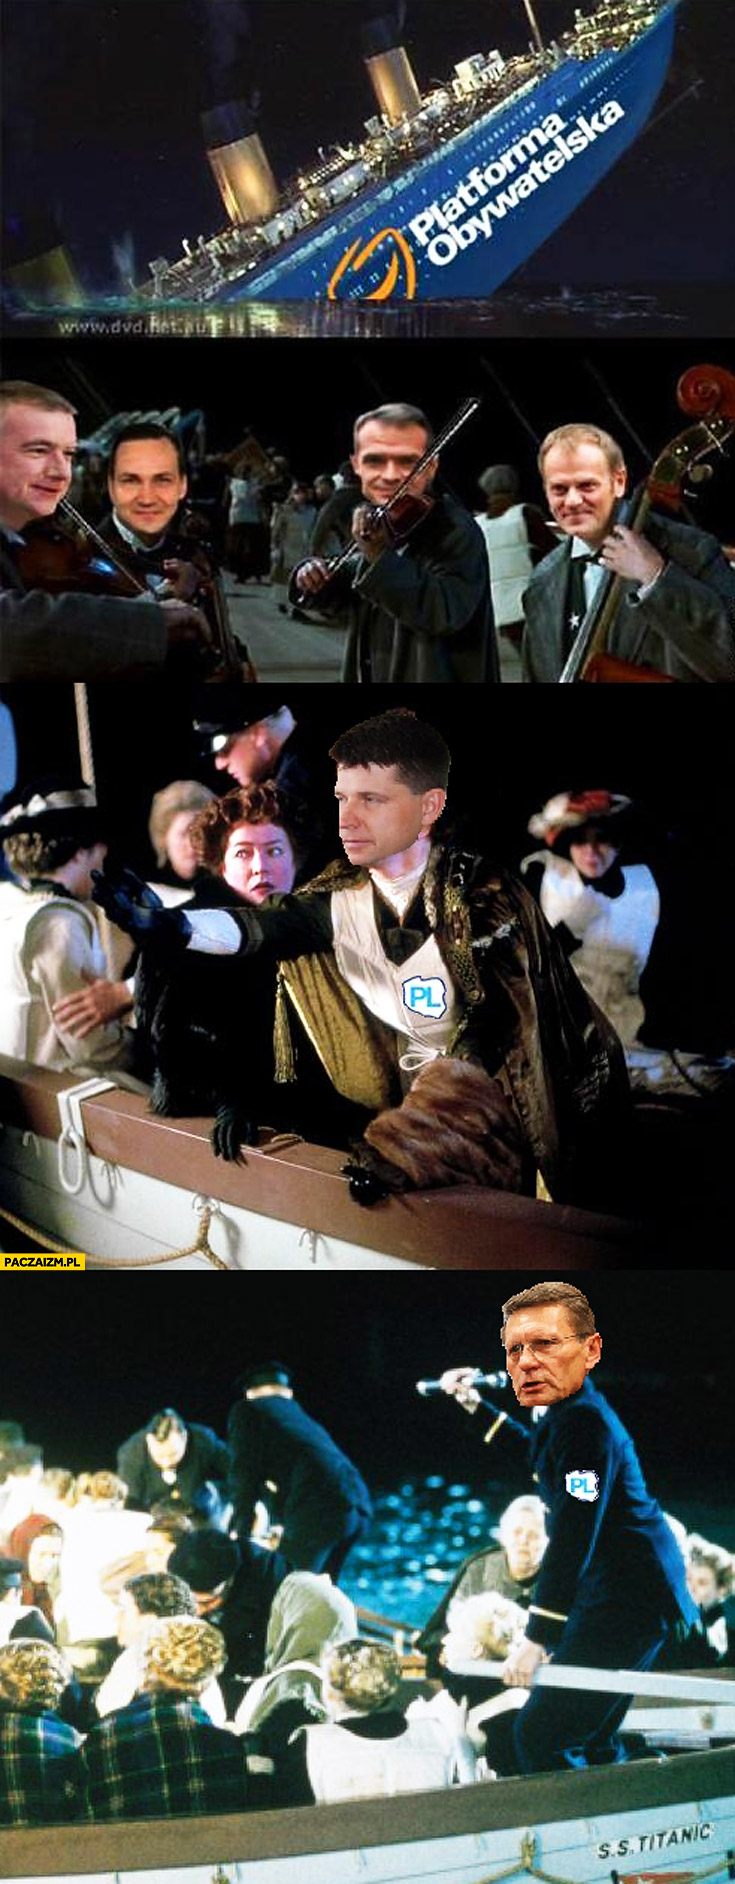 Platforma Obywatelska Titanic tonie Ryszard Petru Balcerowicz Nowoczesna PL szalupa ratunkowa